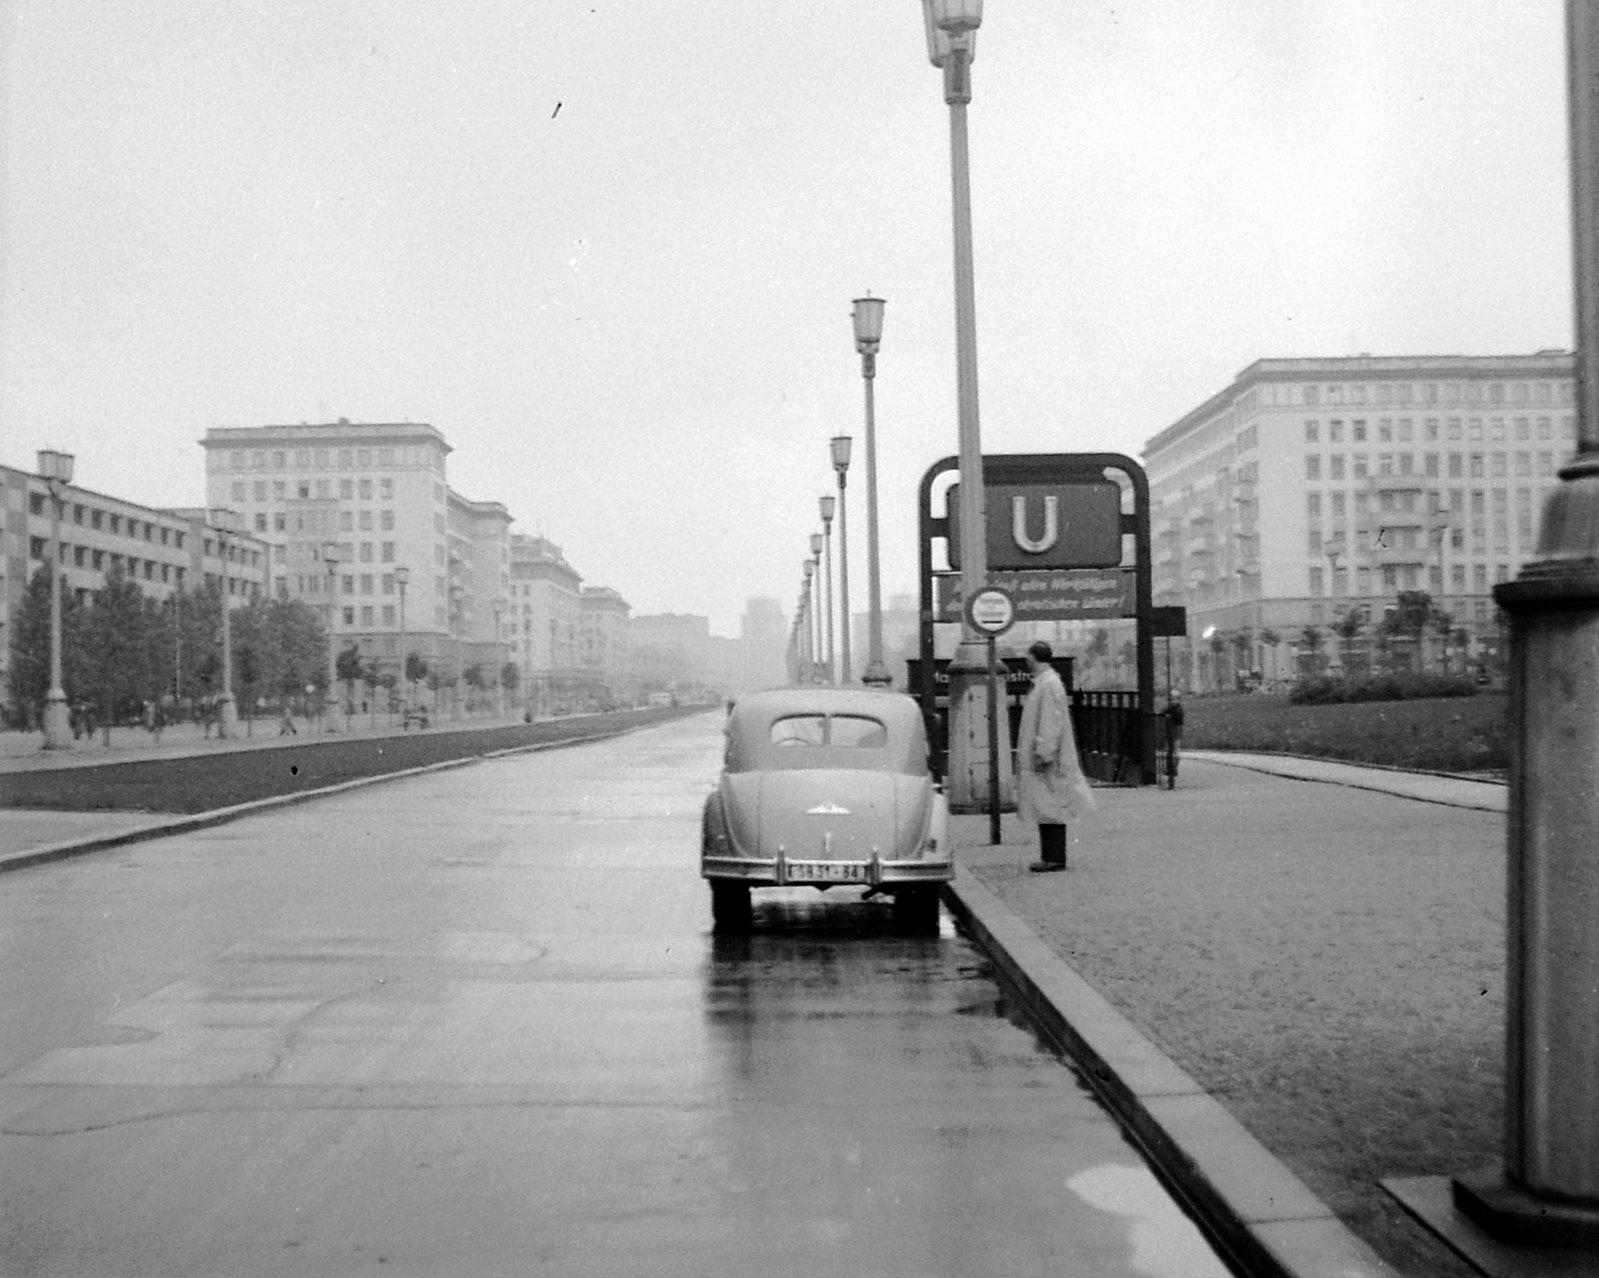 02. 1956. Восточный Берлин. Сталин-аллее